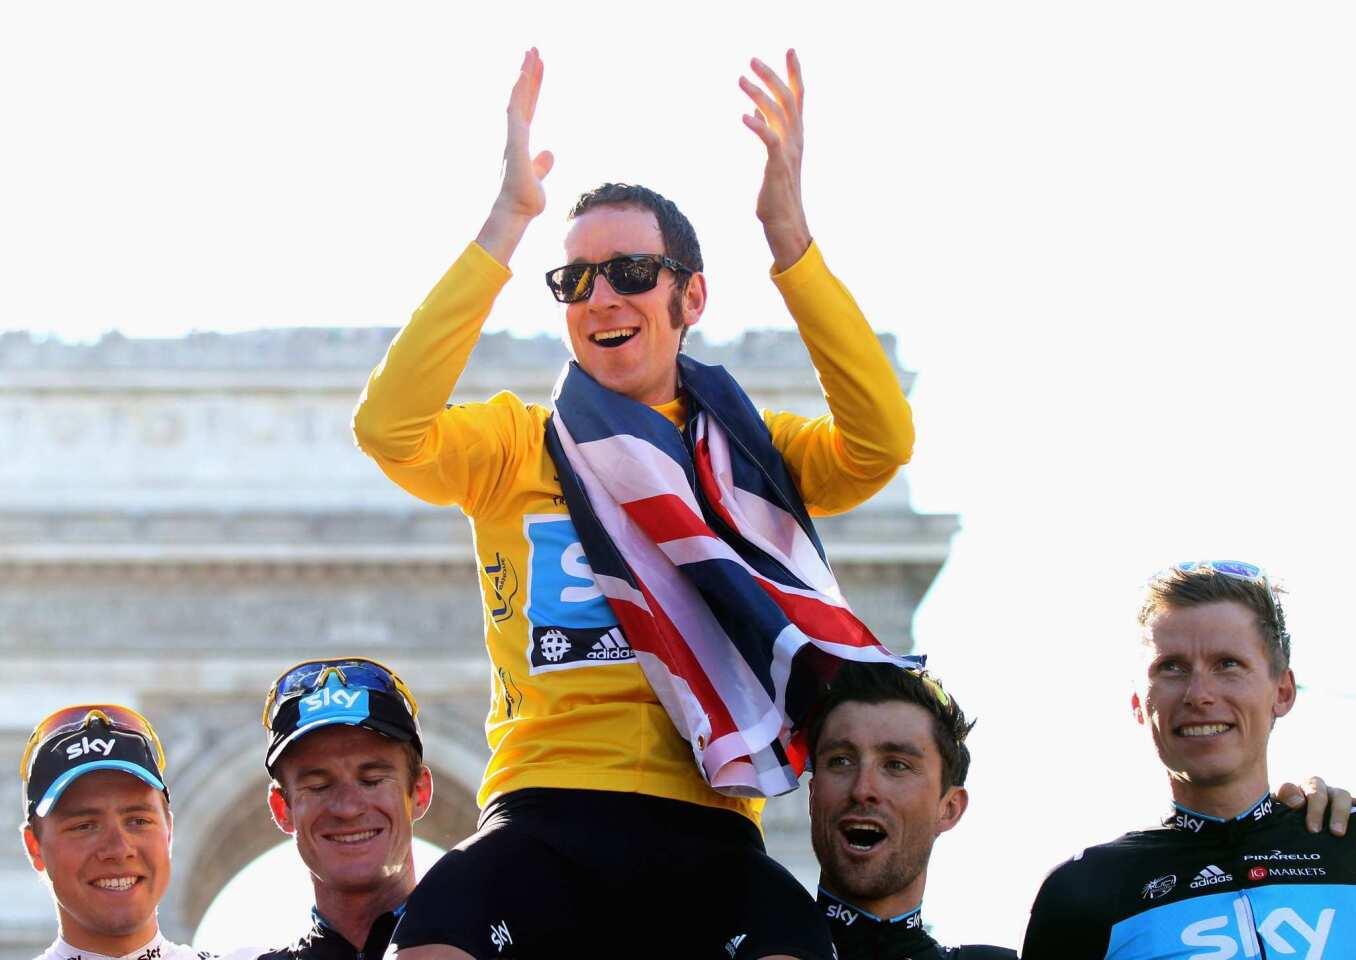 Tour de France 2012 win